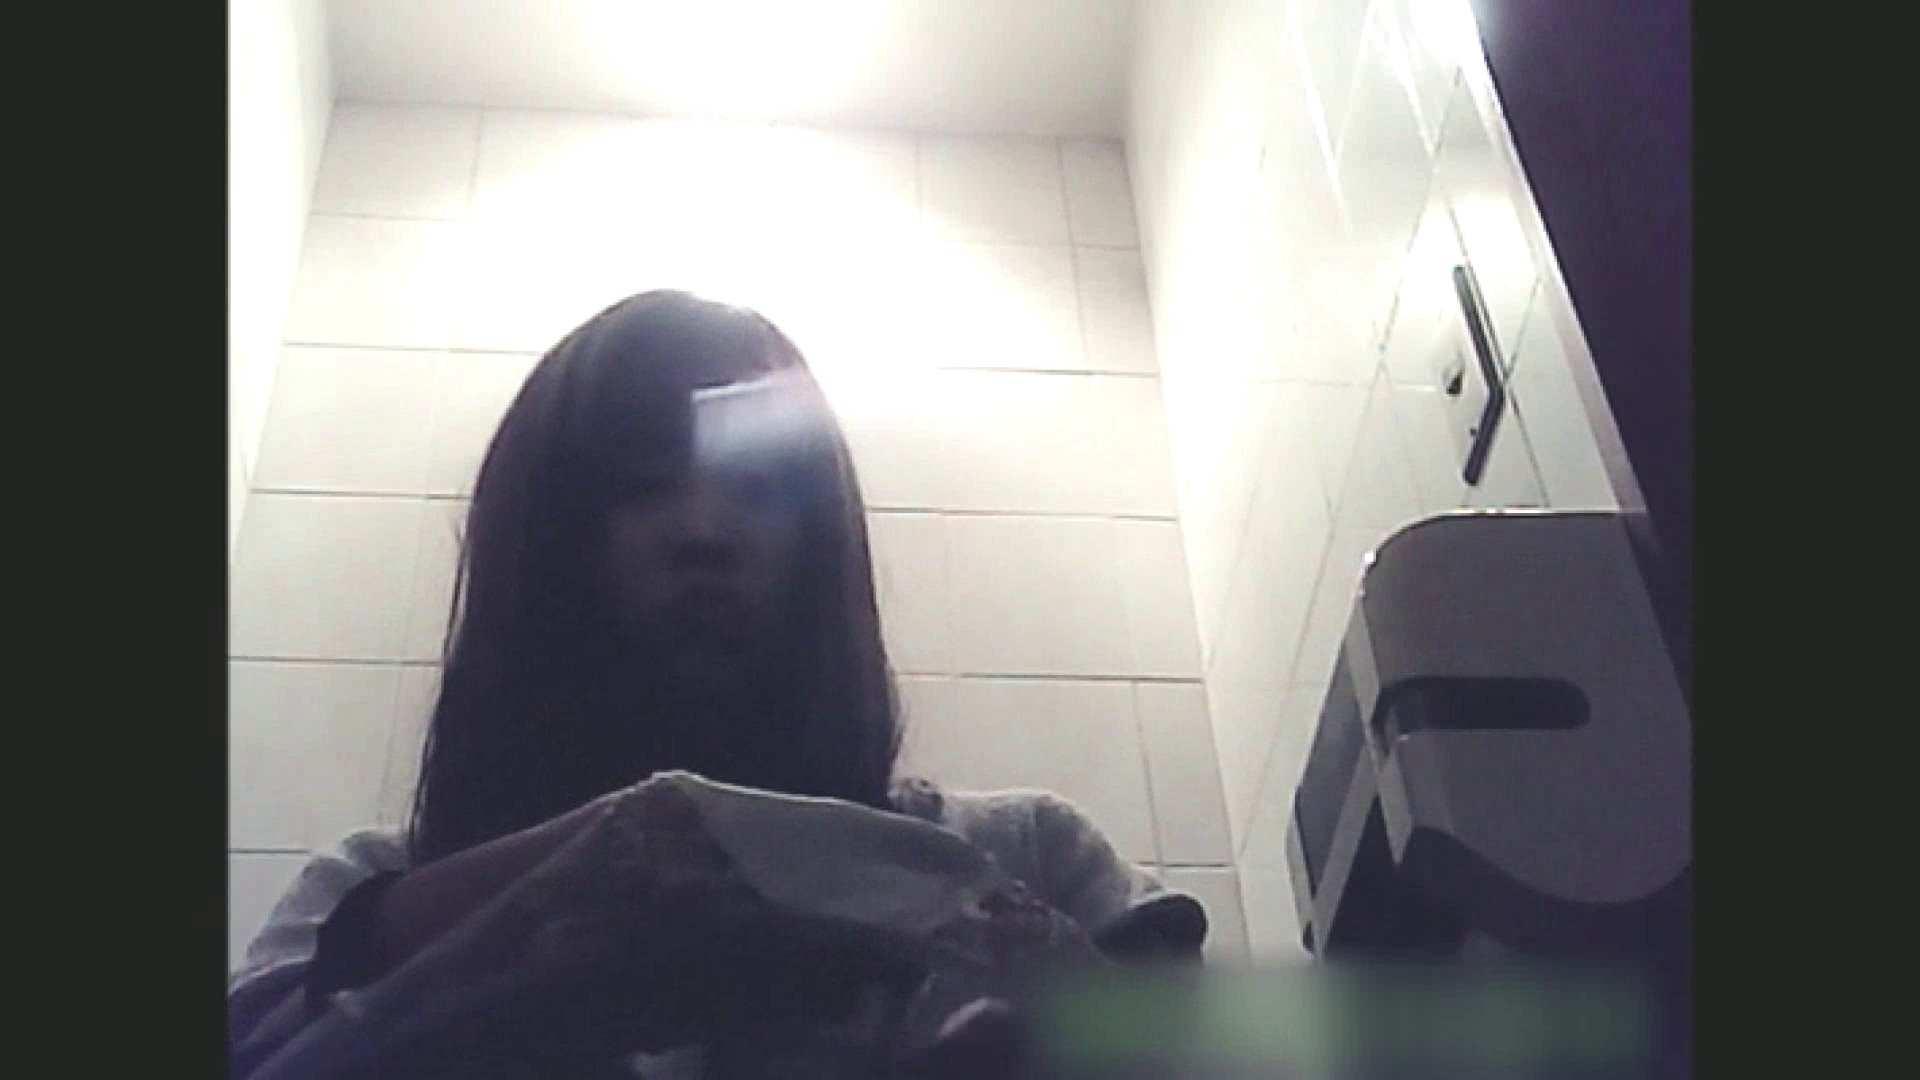 実録!!綺麗なお姉さんのトイレ事情・・・。vol.1 ナプキン | 美女OL  63連発 55